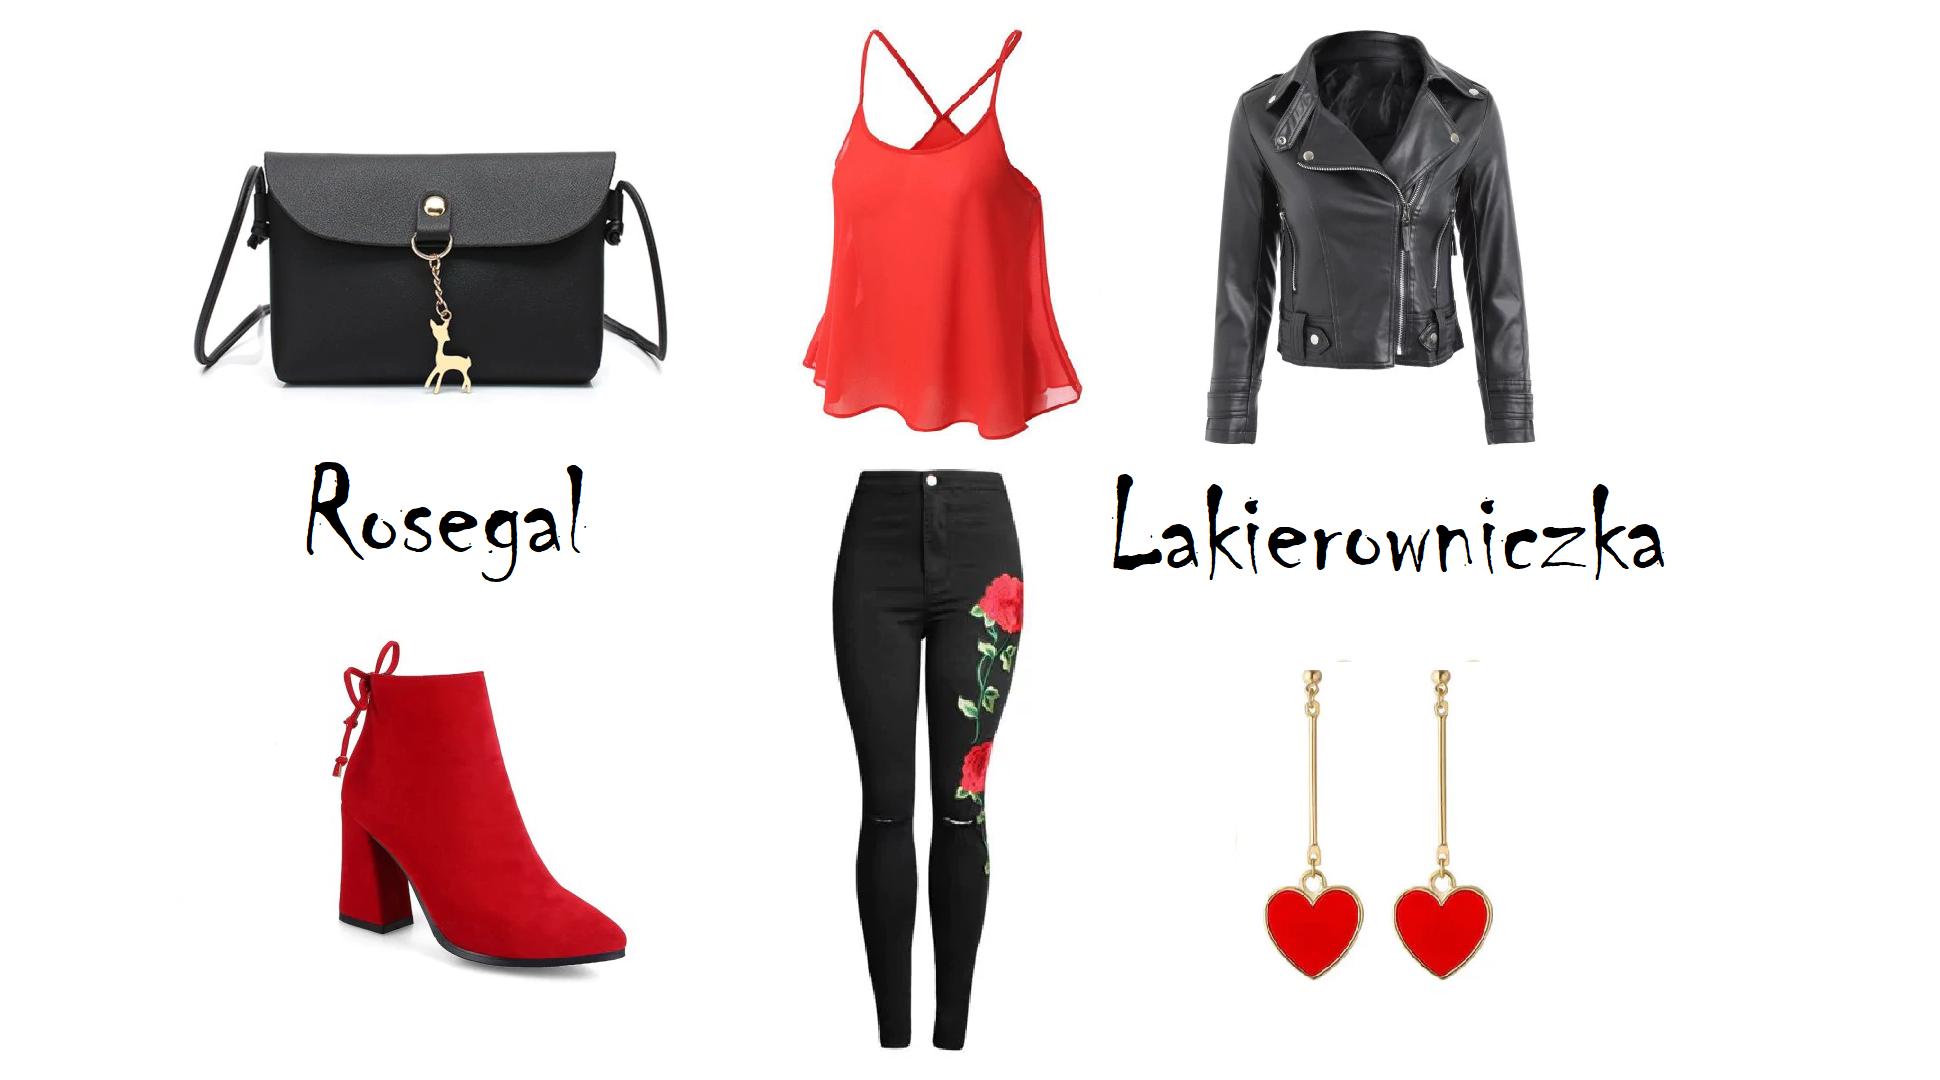 czarno-czerwono-z-Rosegal-moja-propozycja-stylizacji-Lakierowniczka-czarno-czerwono z Rosegal